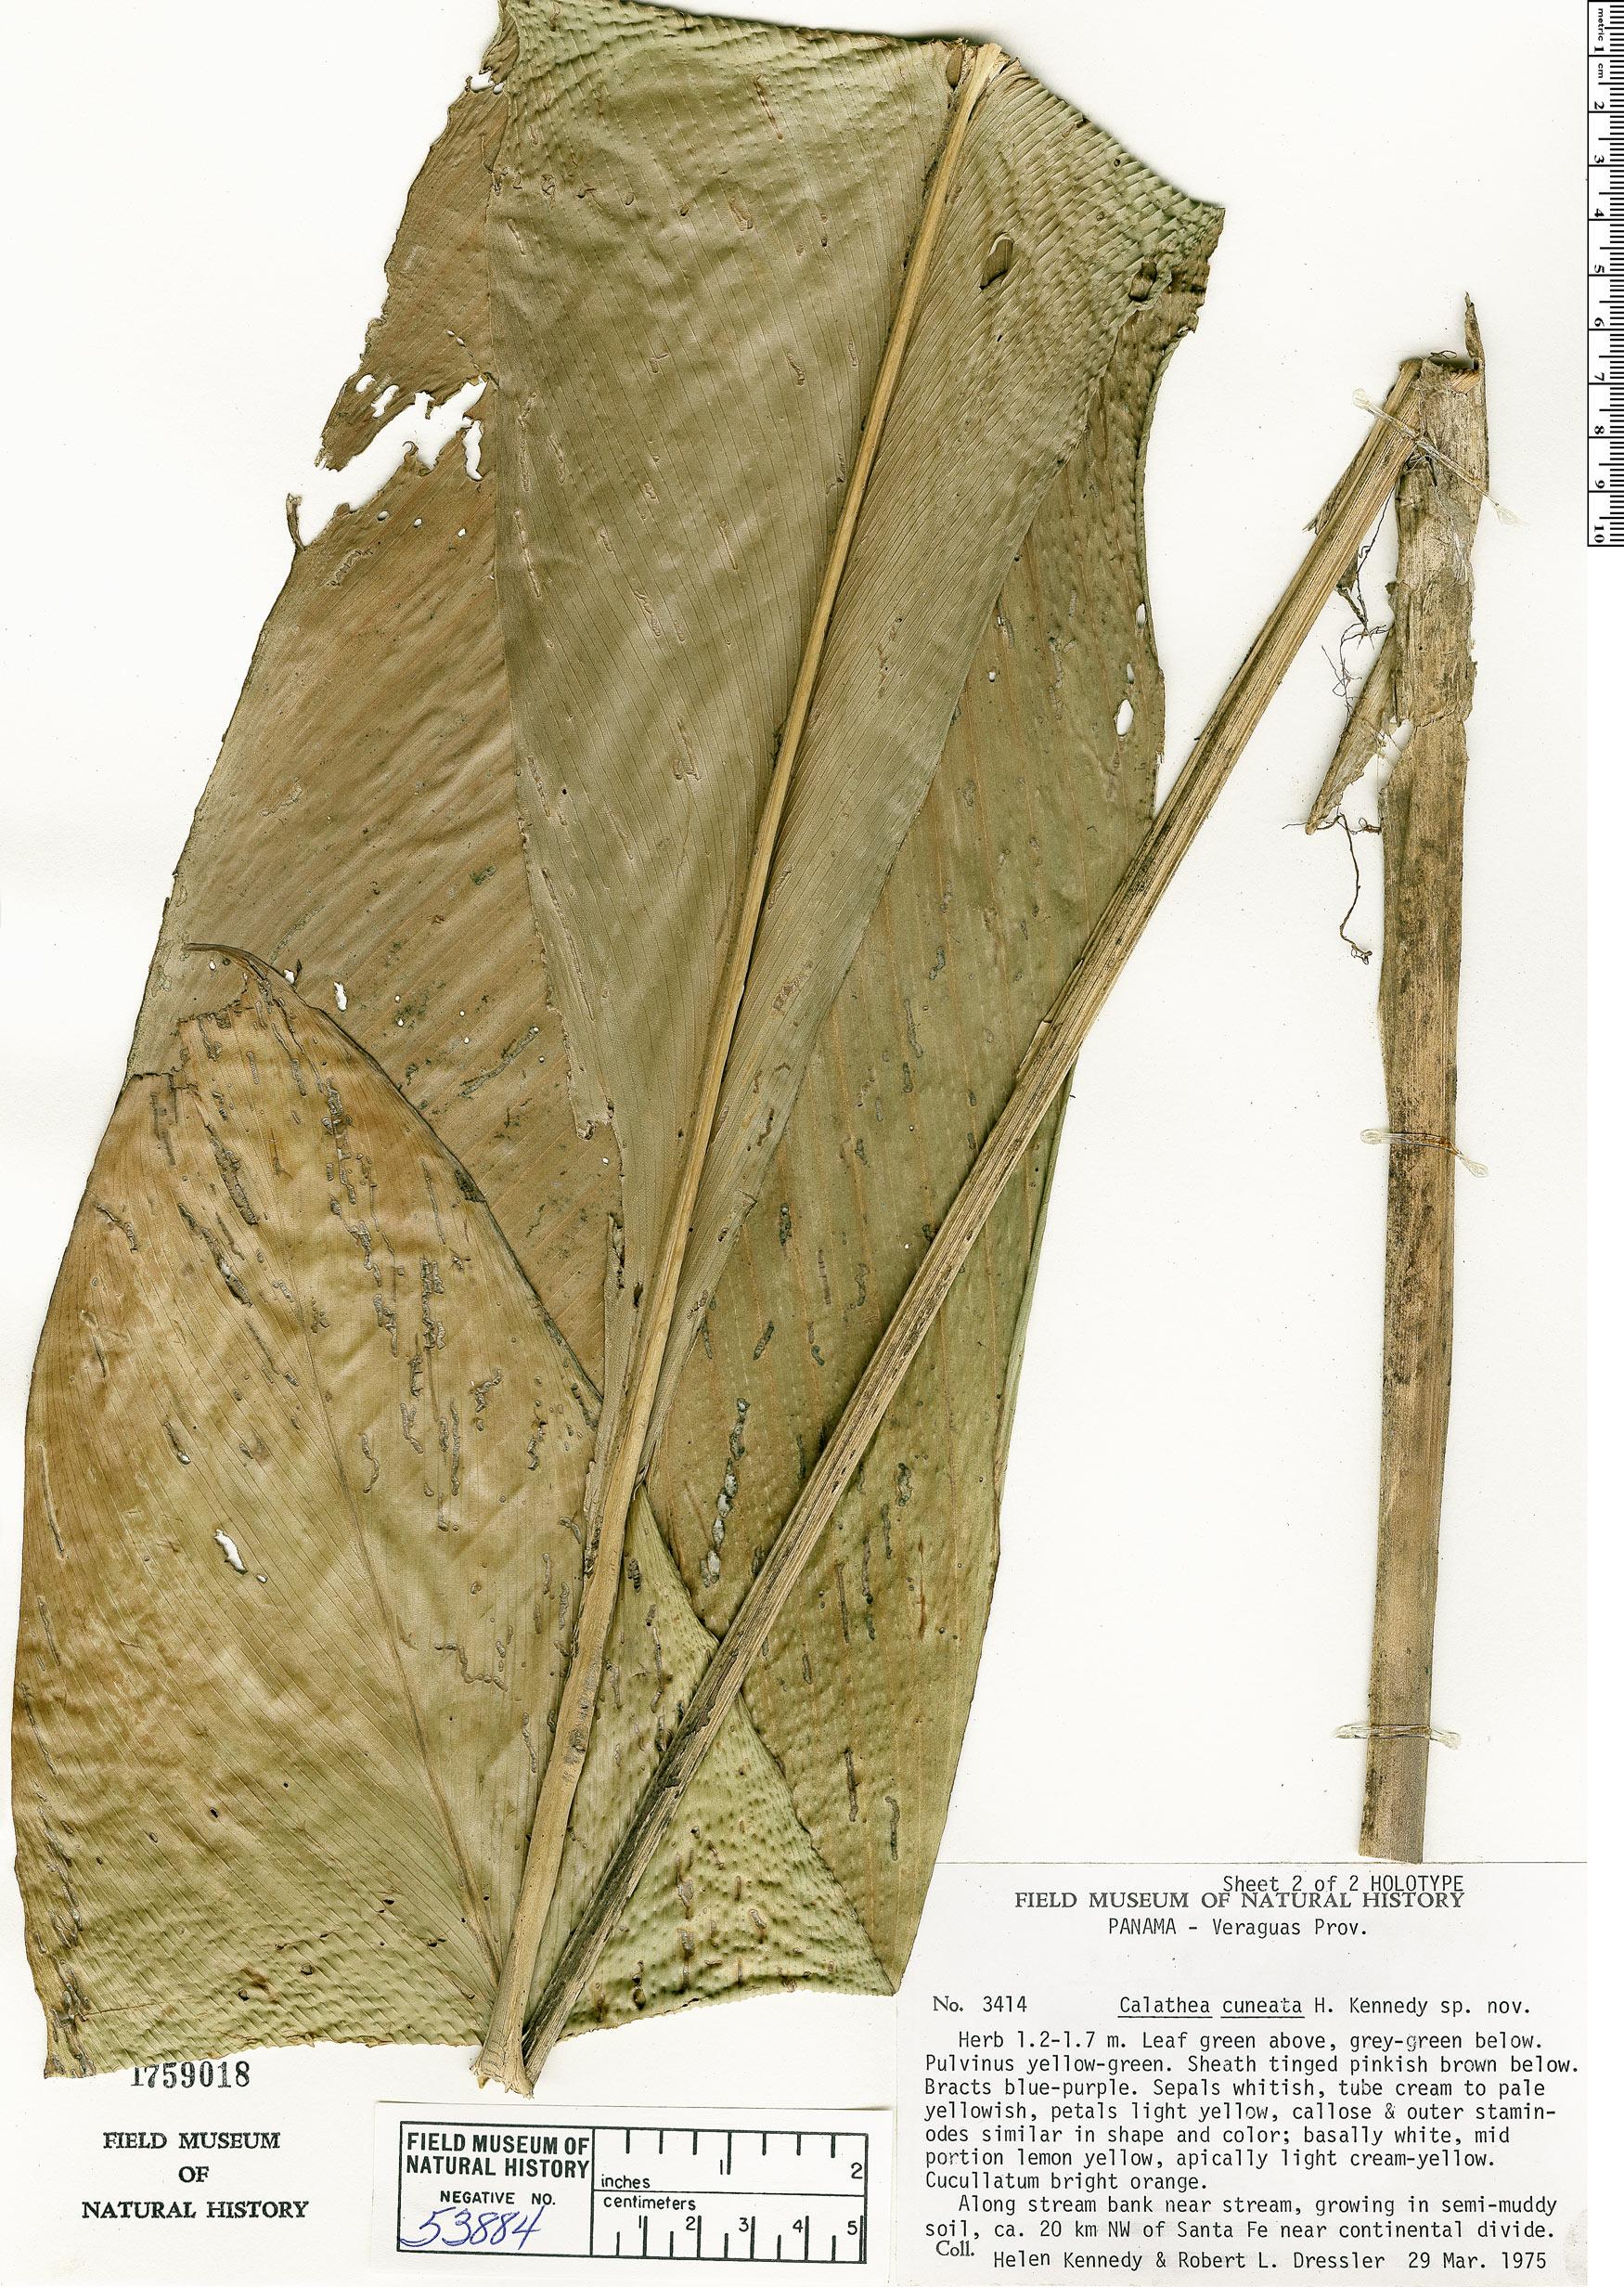 Specimen: Calathea cuneata